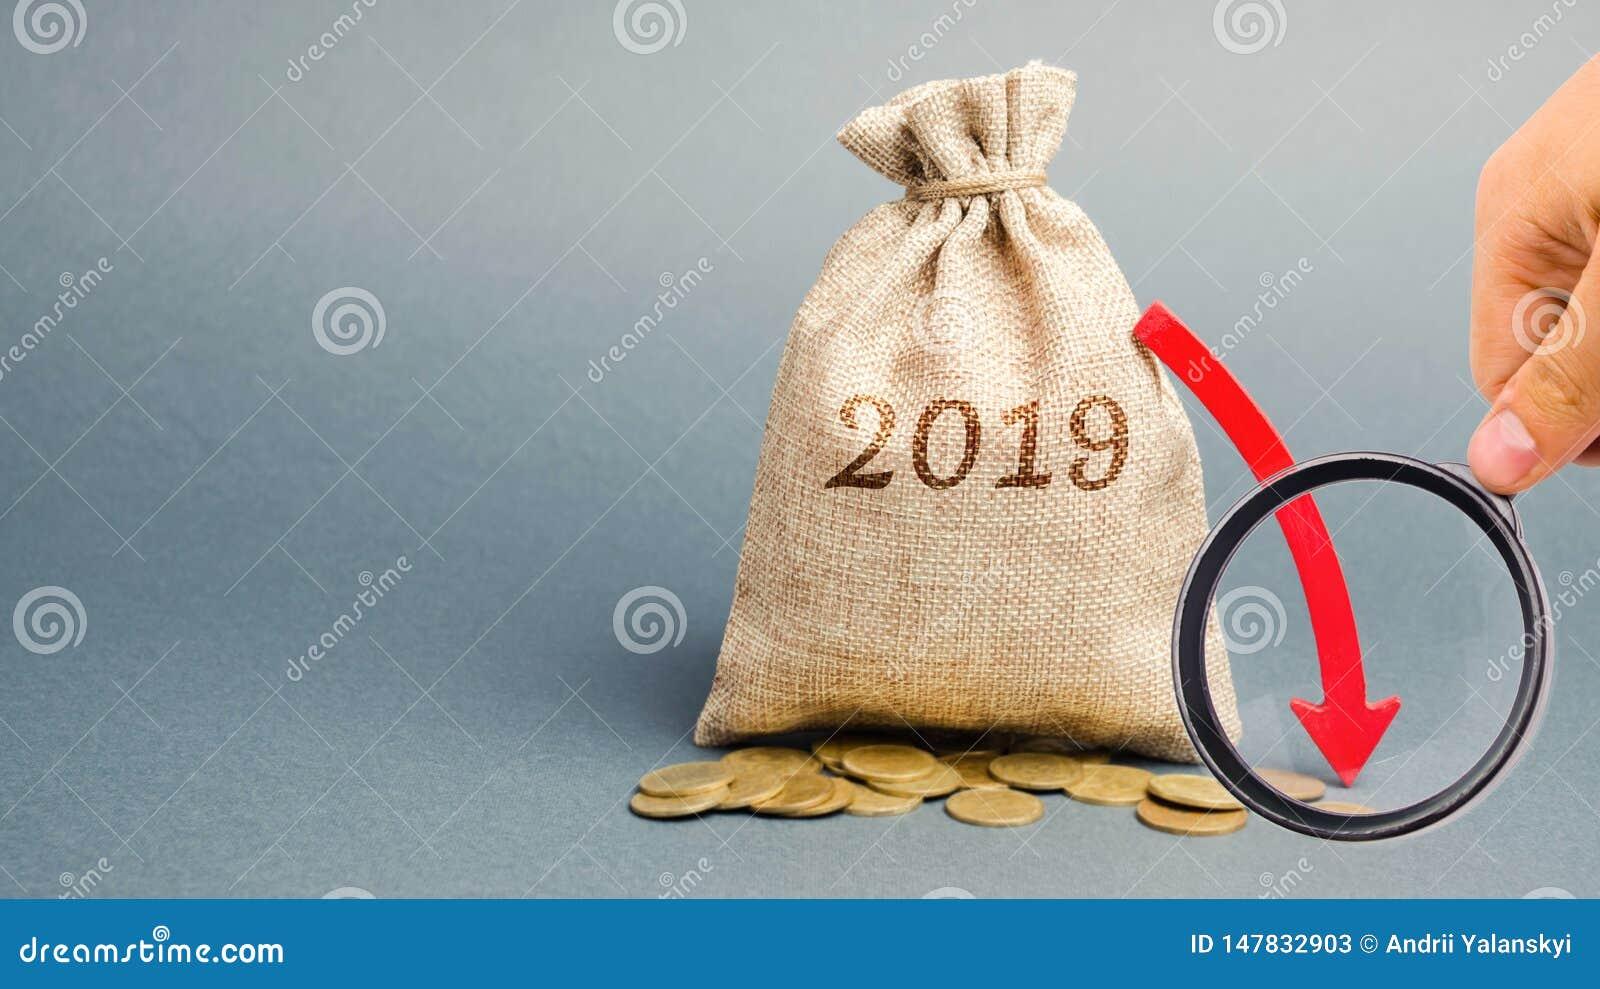 Τσάντα χρημάτων με την επιγραφή 2019 και το κόκκινο βέλος κάτω Ετήσια έκθεση Επιχειρησιακή υποχώρηση Αναξιόπιστη επένδυση Κρίση κ